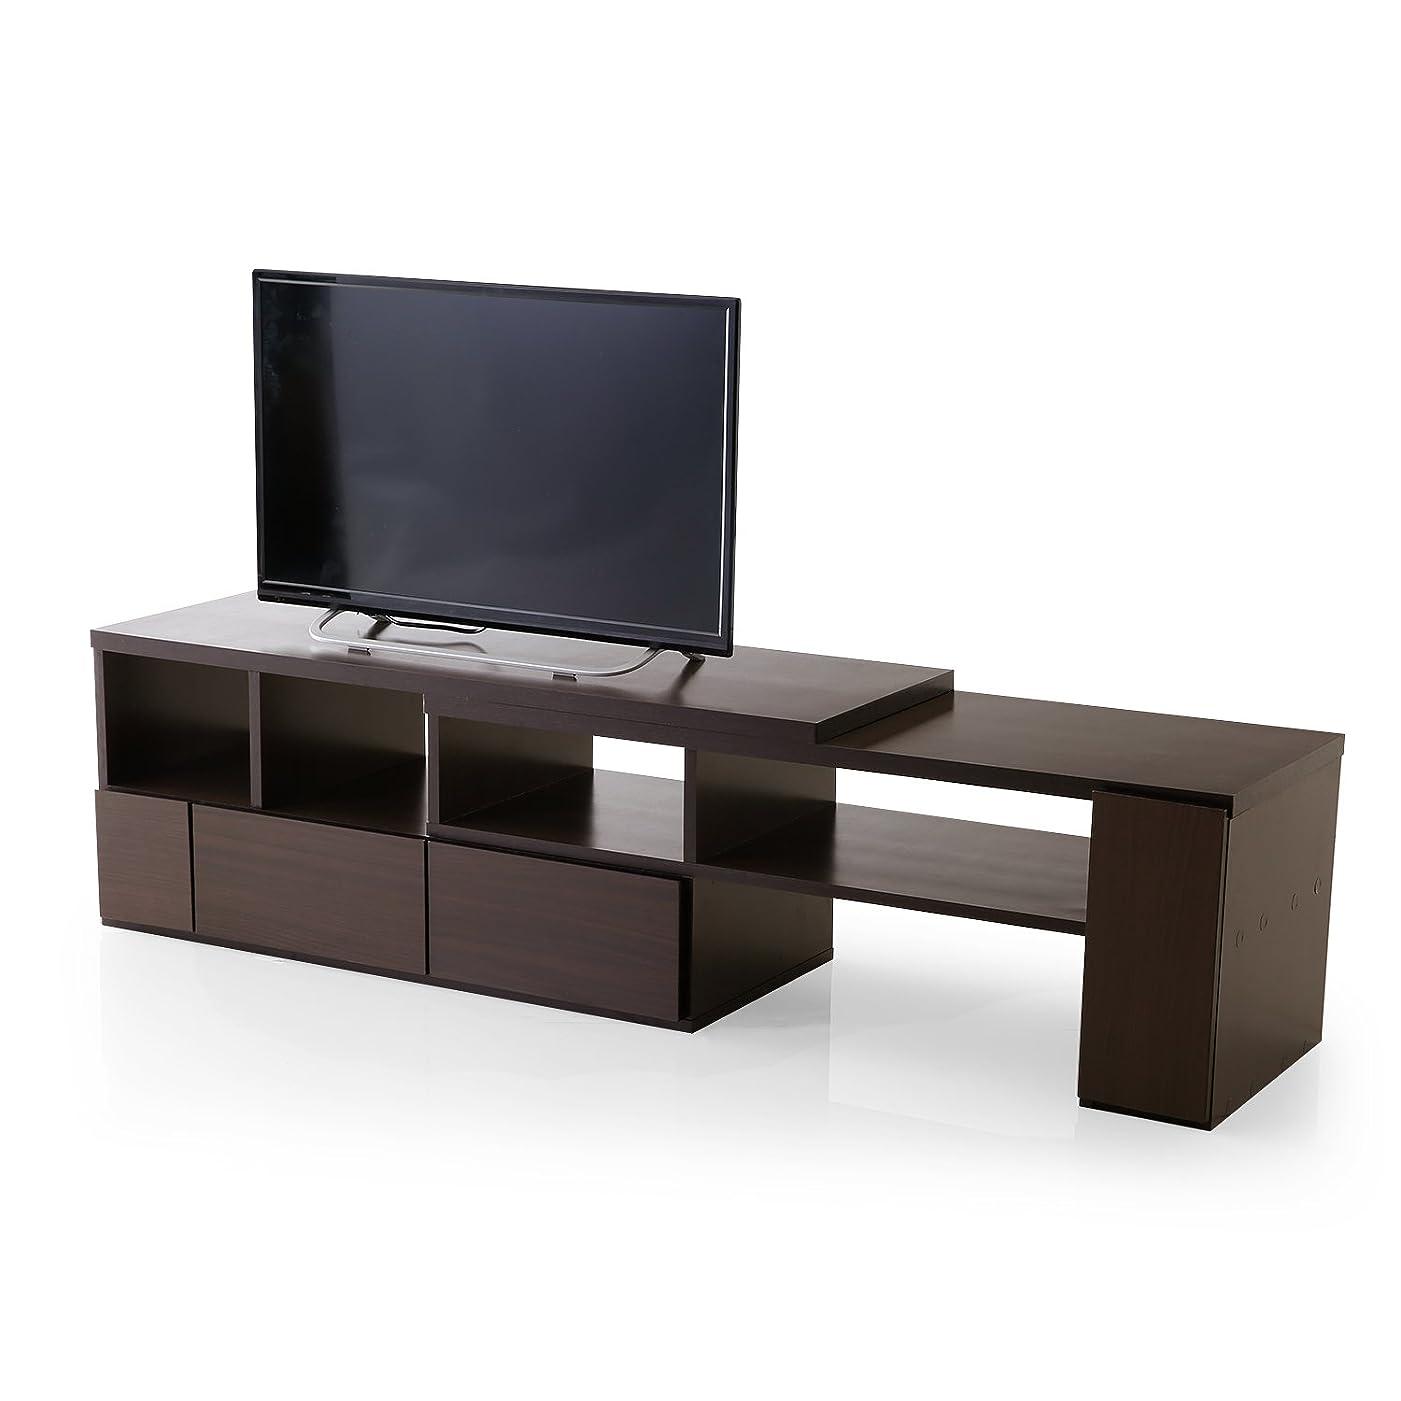 失効宿る腐食するLOWYA TVボード テレビ台 テレビボード 伸縮 50型 幅109.5~198cm ブラウン